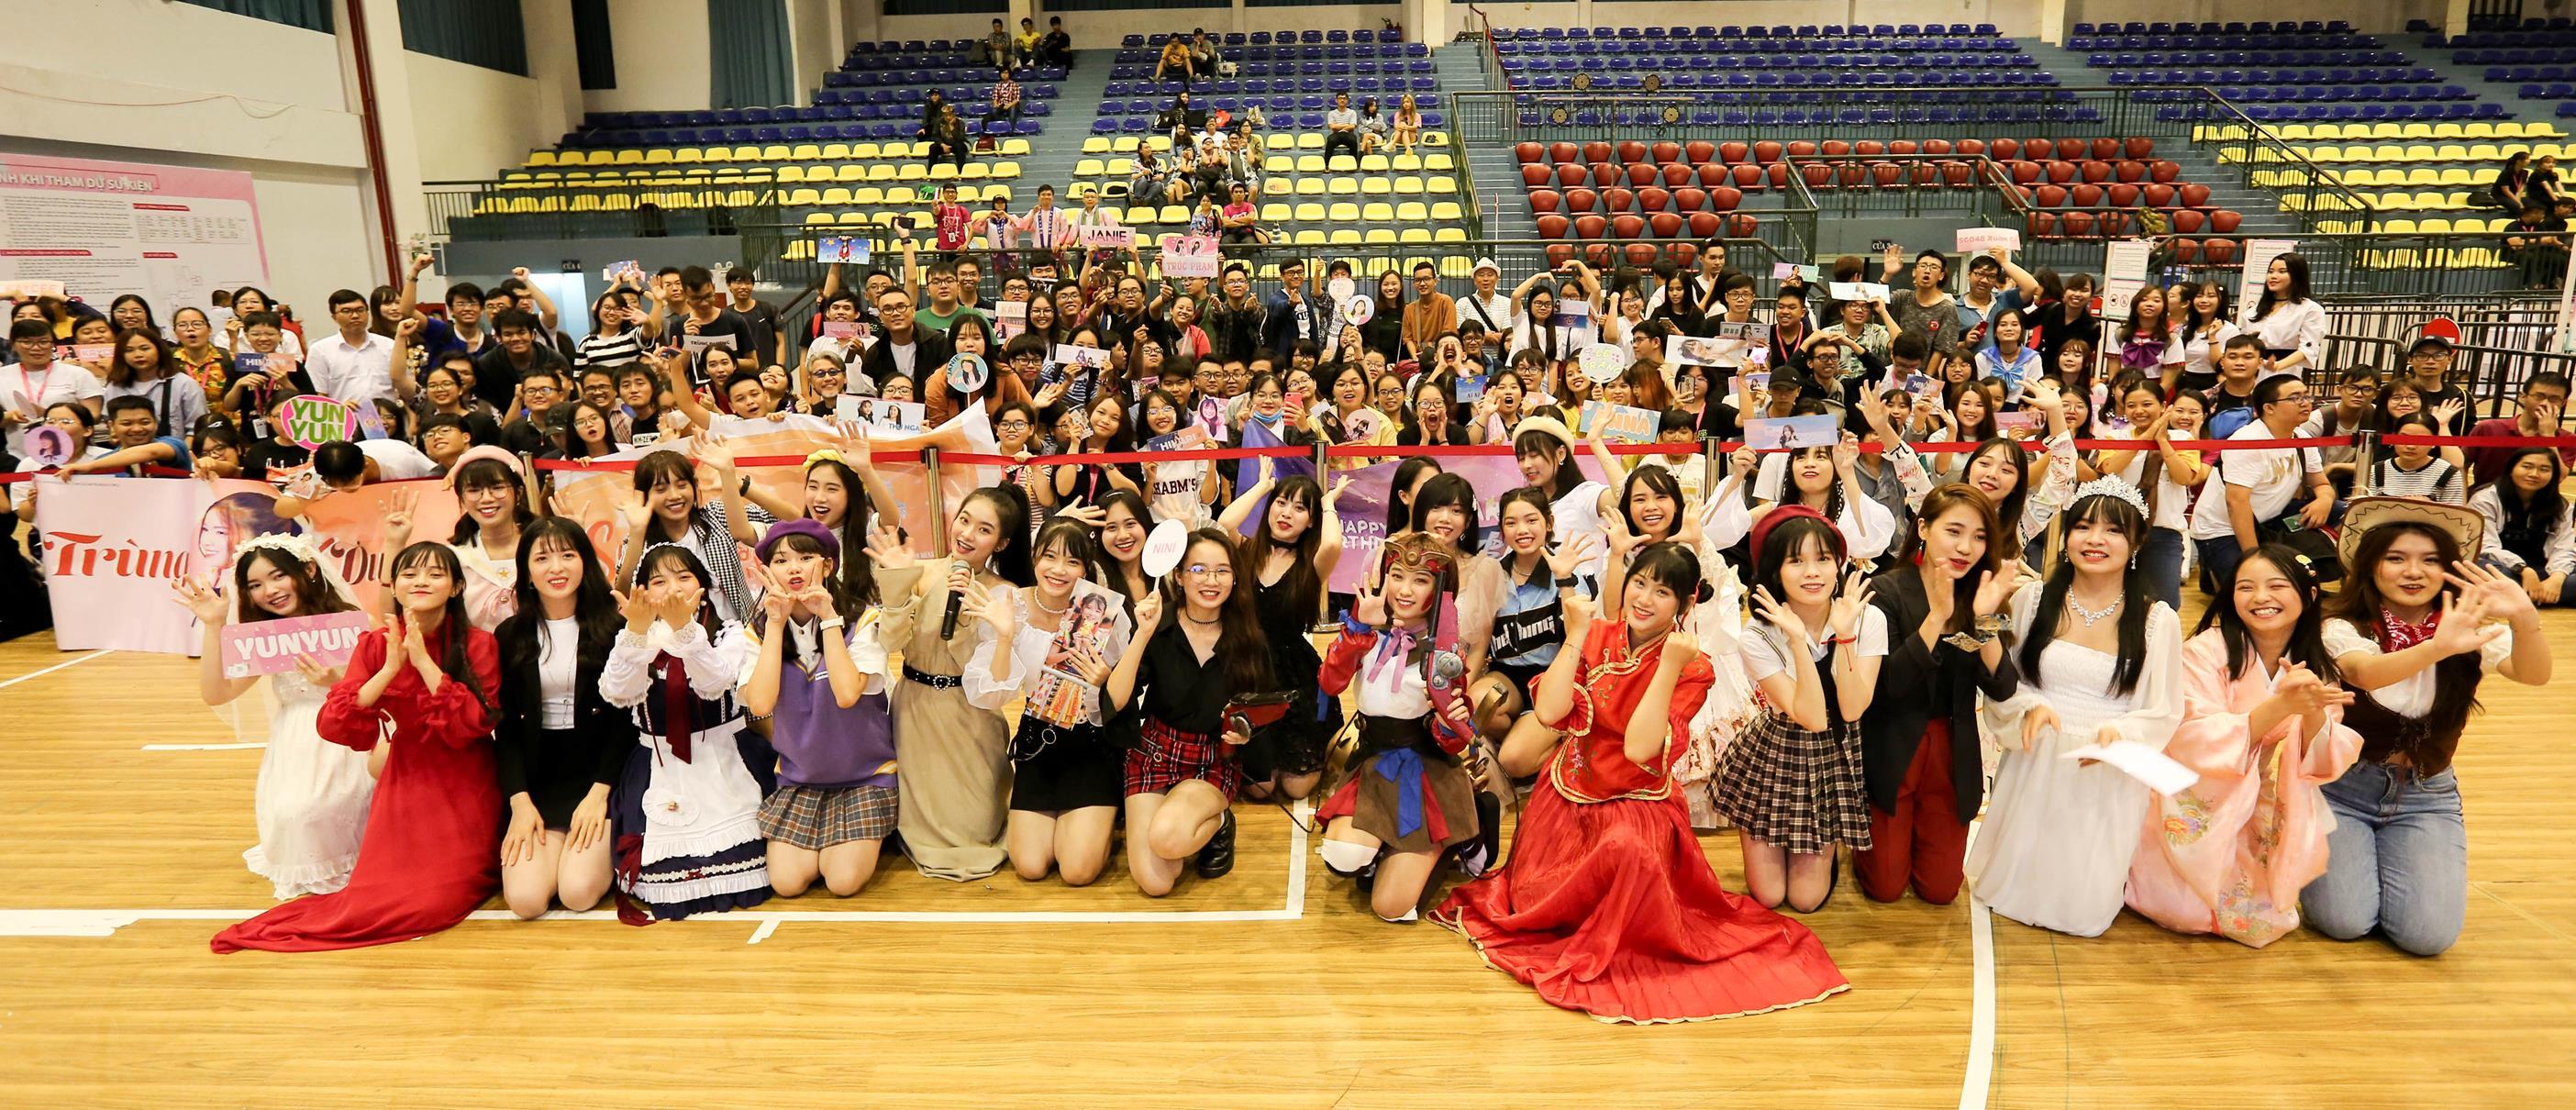 """Fan SGO48 chi luôn 10 triệu """"bóc"""" single tại chỗ để lấy vé nắm tay thần  tượng tại sự kiện Handshake TP.HCM"""